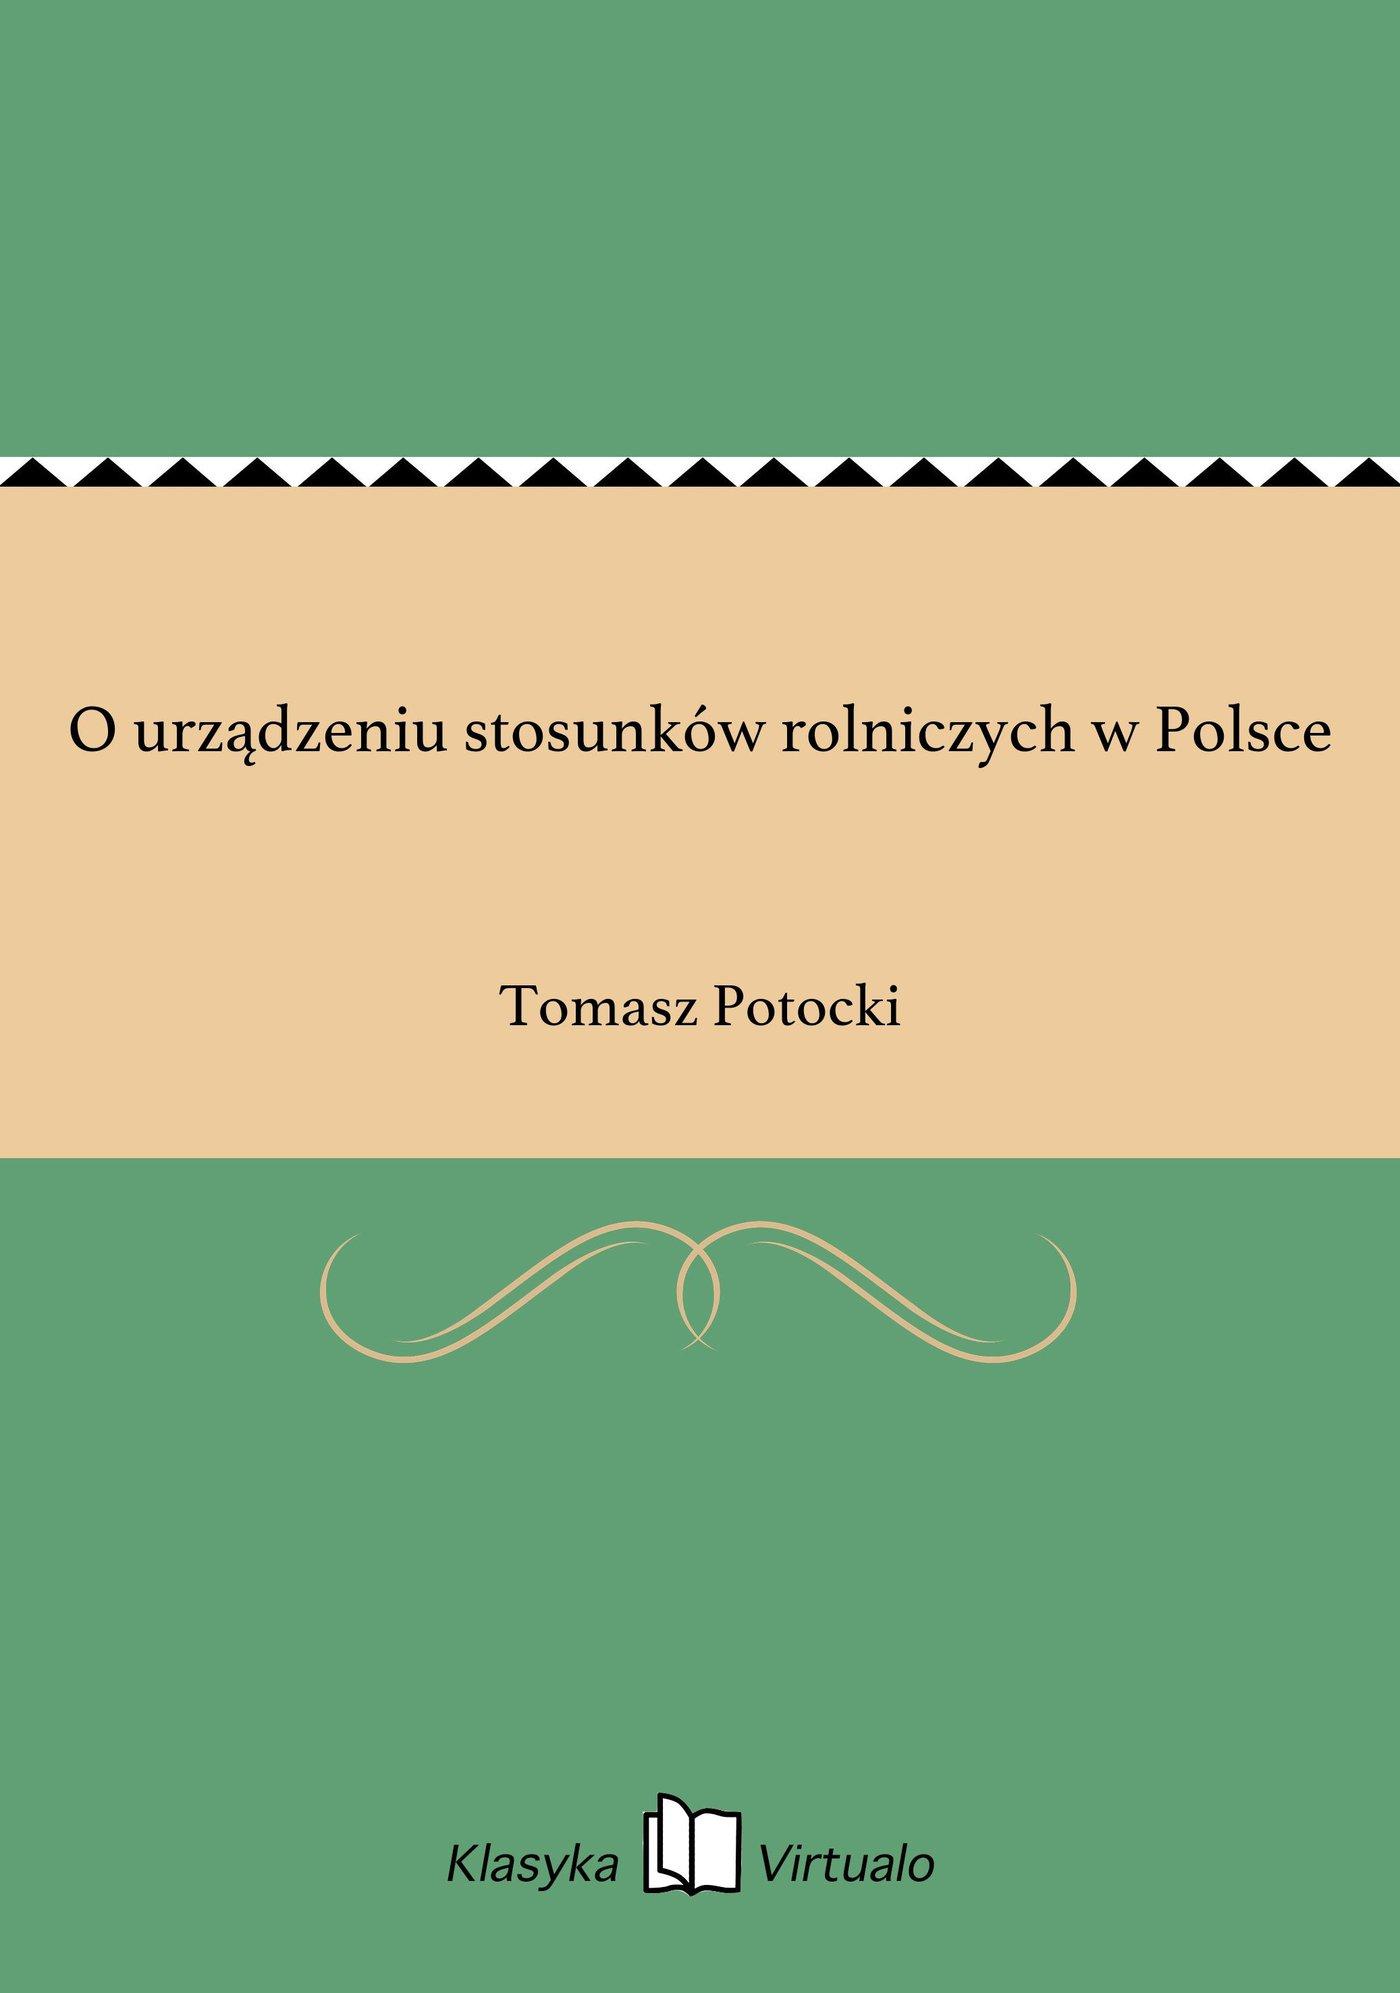 O urządzeniu stosunków rolniczych w Polsce - Ebook (Książka EPUB) do pobrania w formacie EPUB